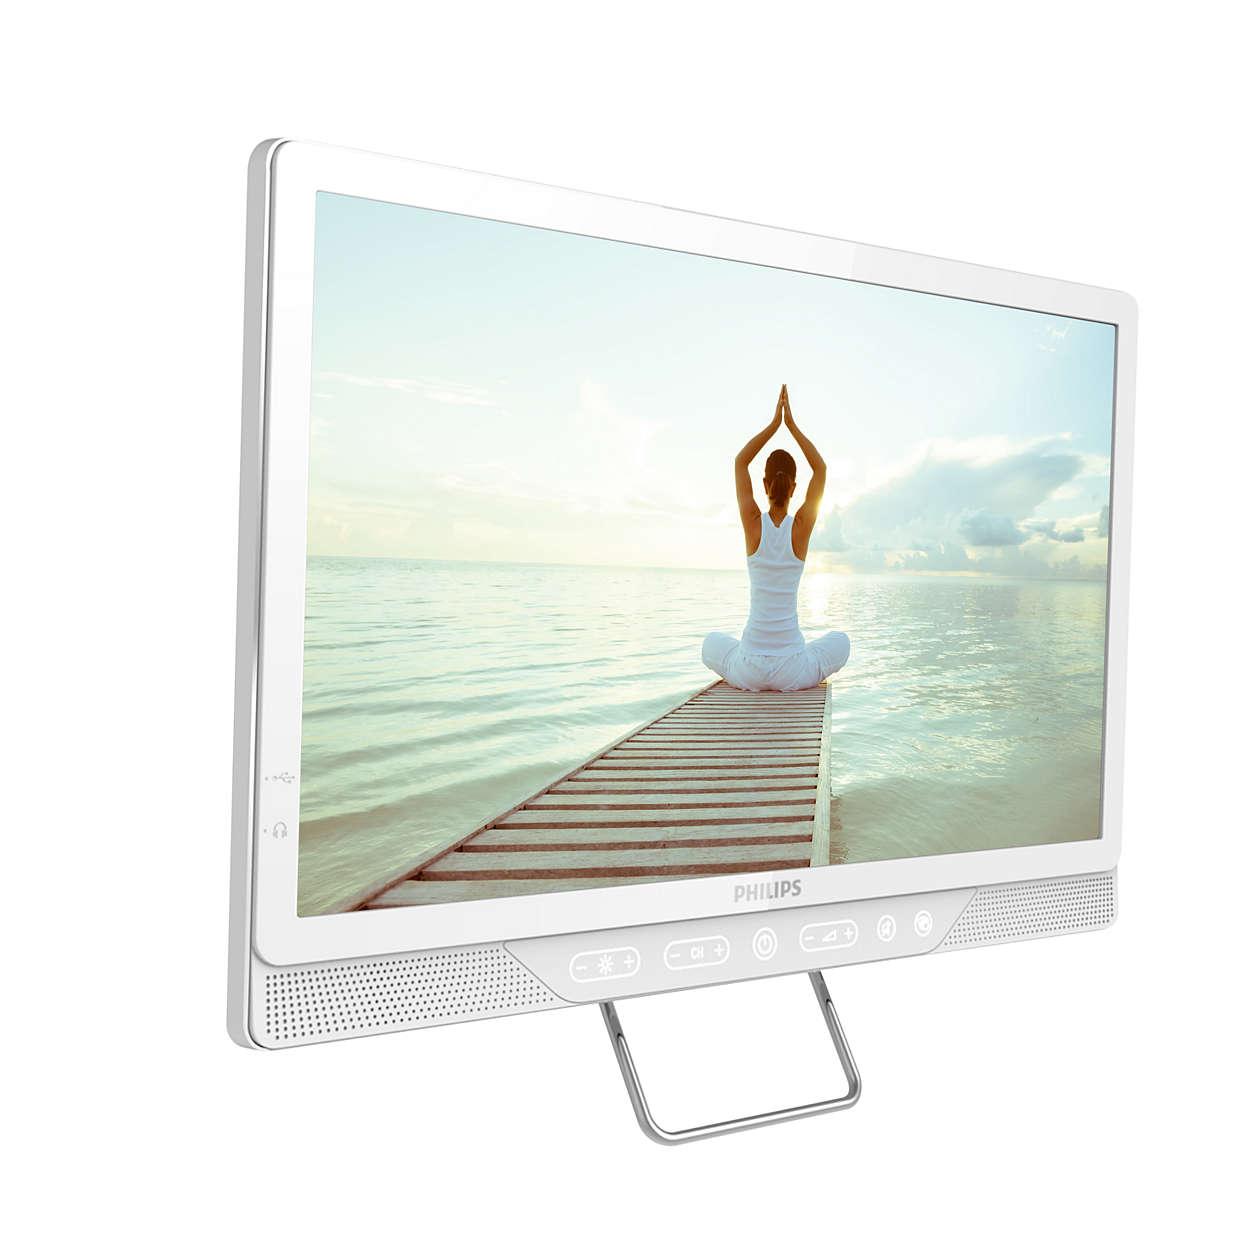 Уникальный прикроватный телевизор